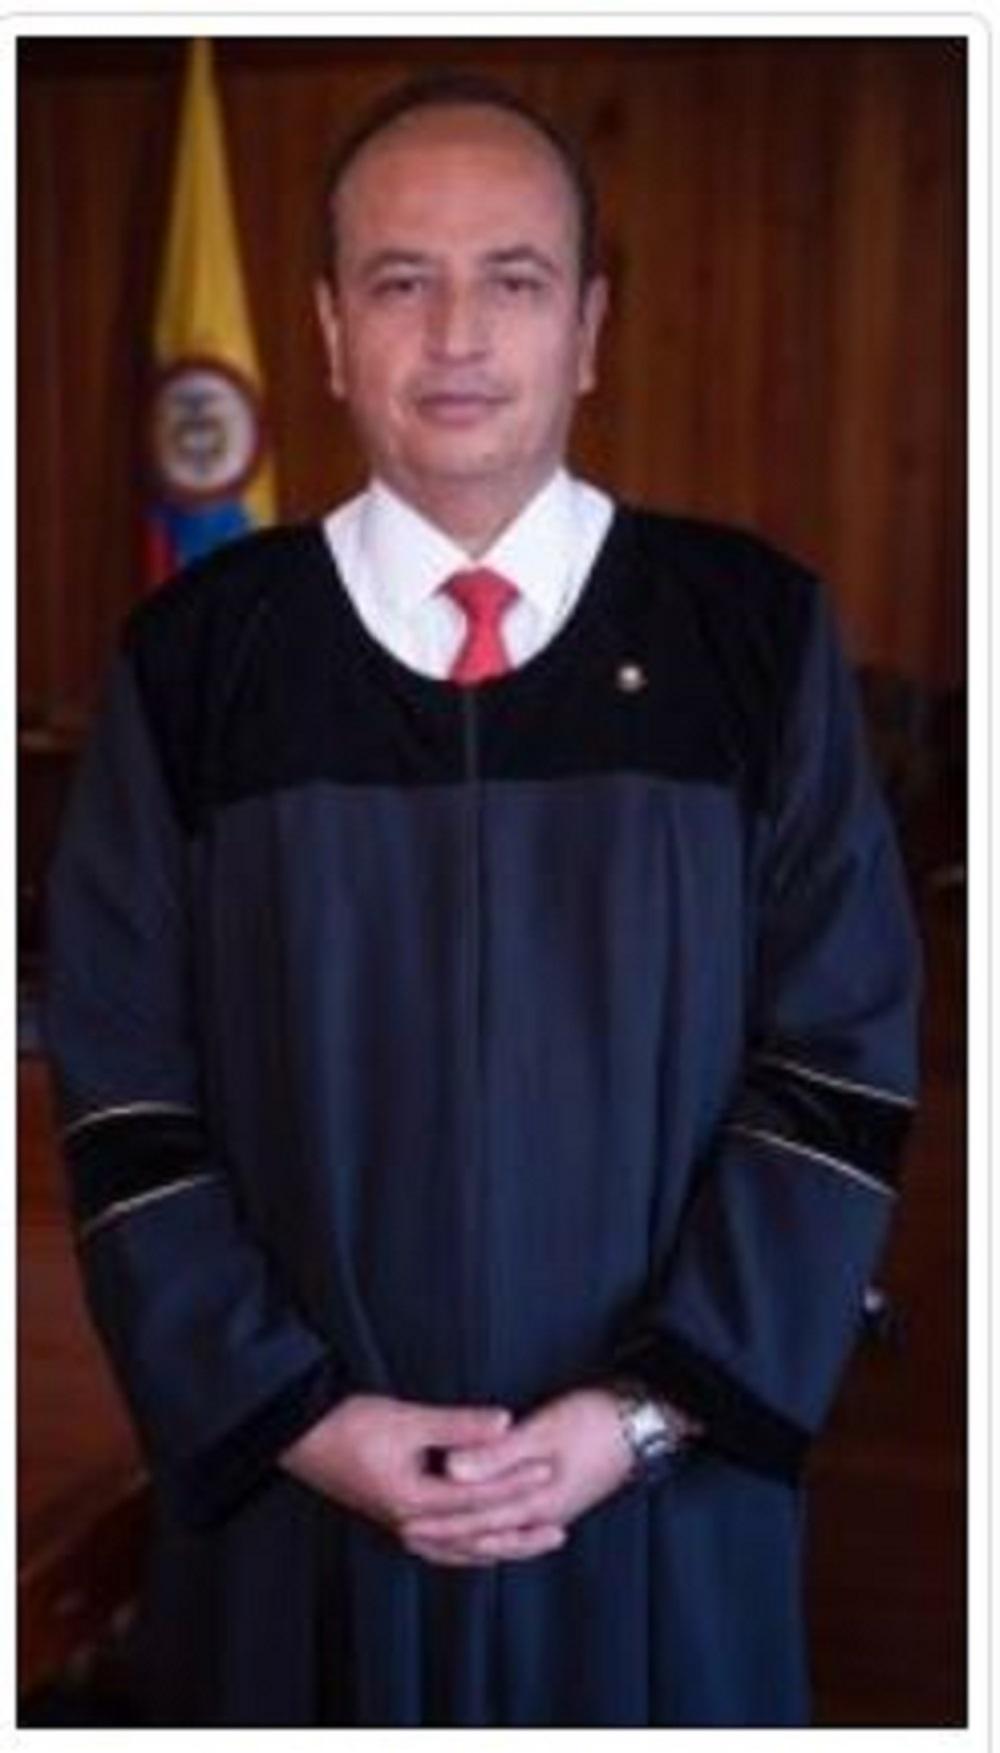 El magistrado Héctor Javier Alarcón Granobles es especialista en Derecho Penal, docente universitario y trabajó en varios expedientes de la parapolítica que llevaron a prisión a alcaldes y gobernadores.